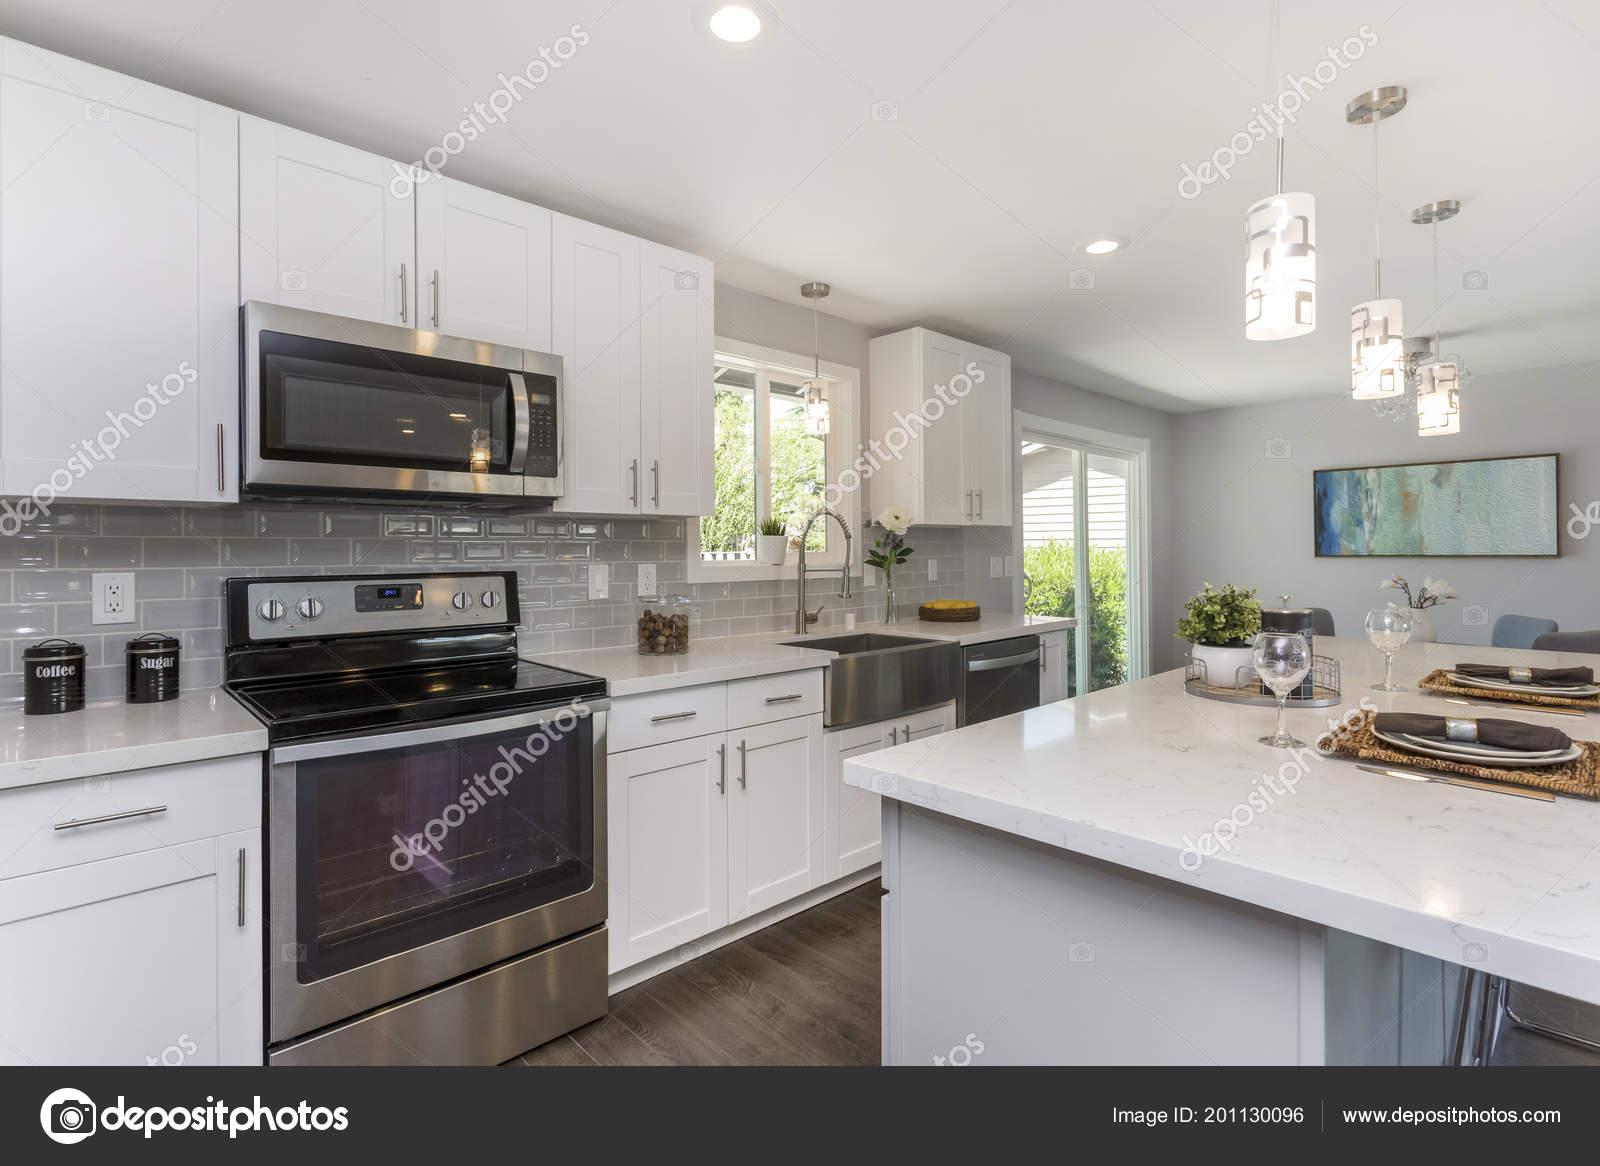 Prachtige keuken met open concept plattegrond witte kasten enorme